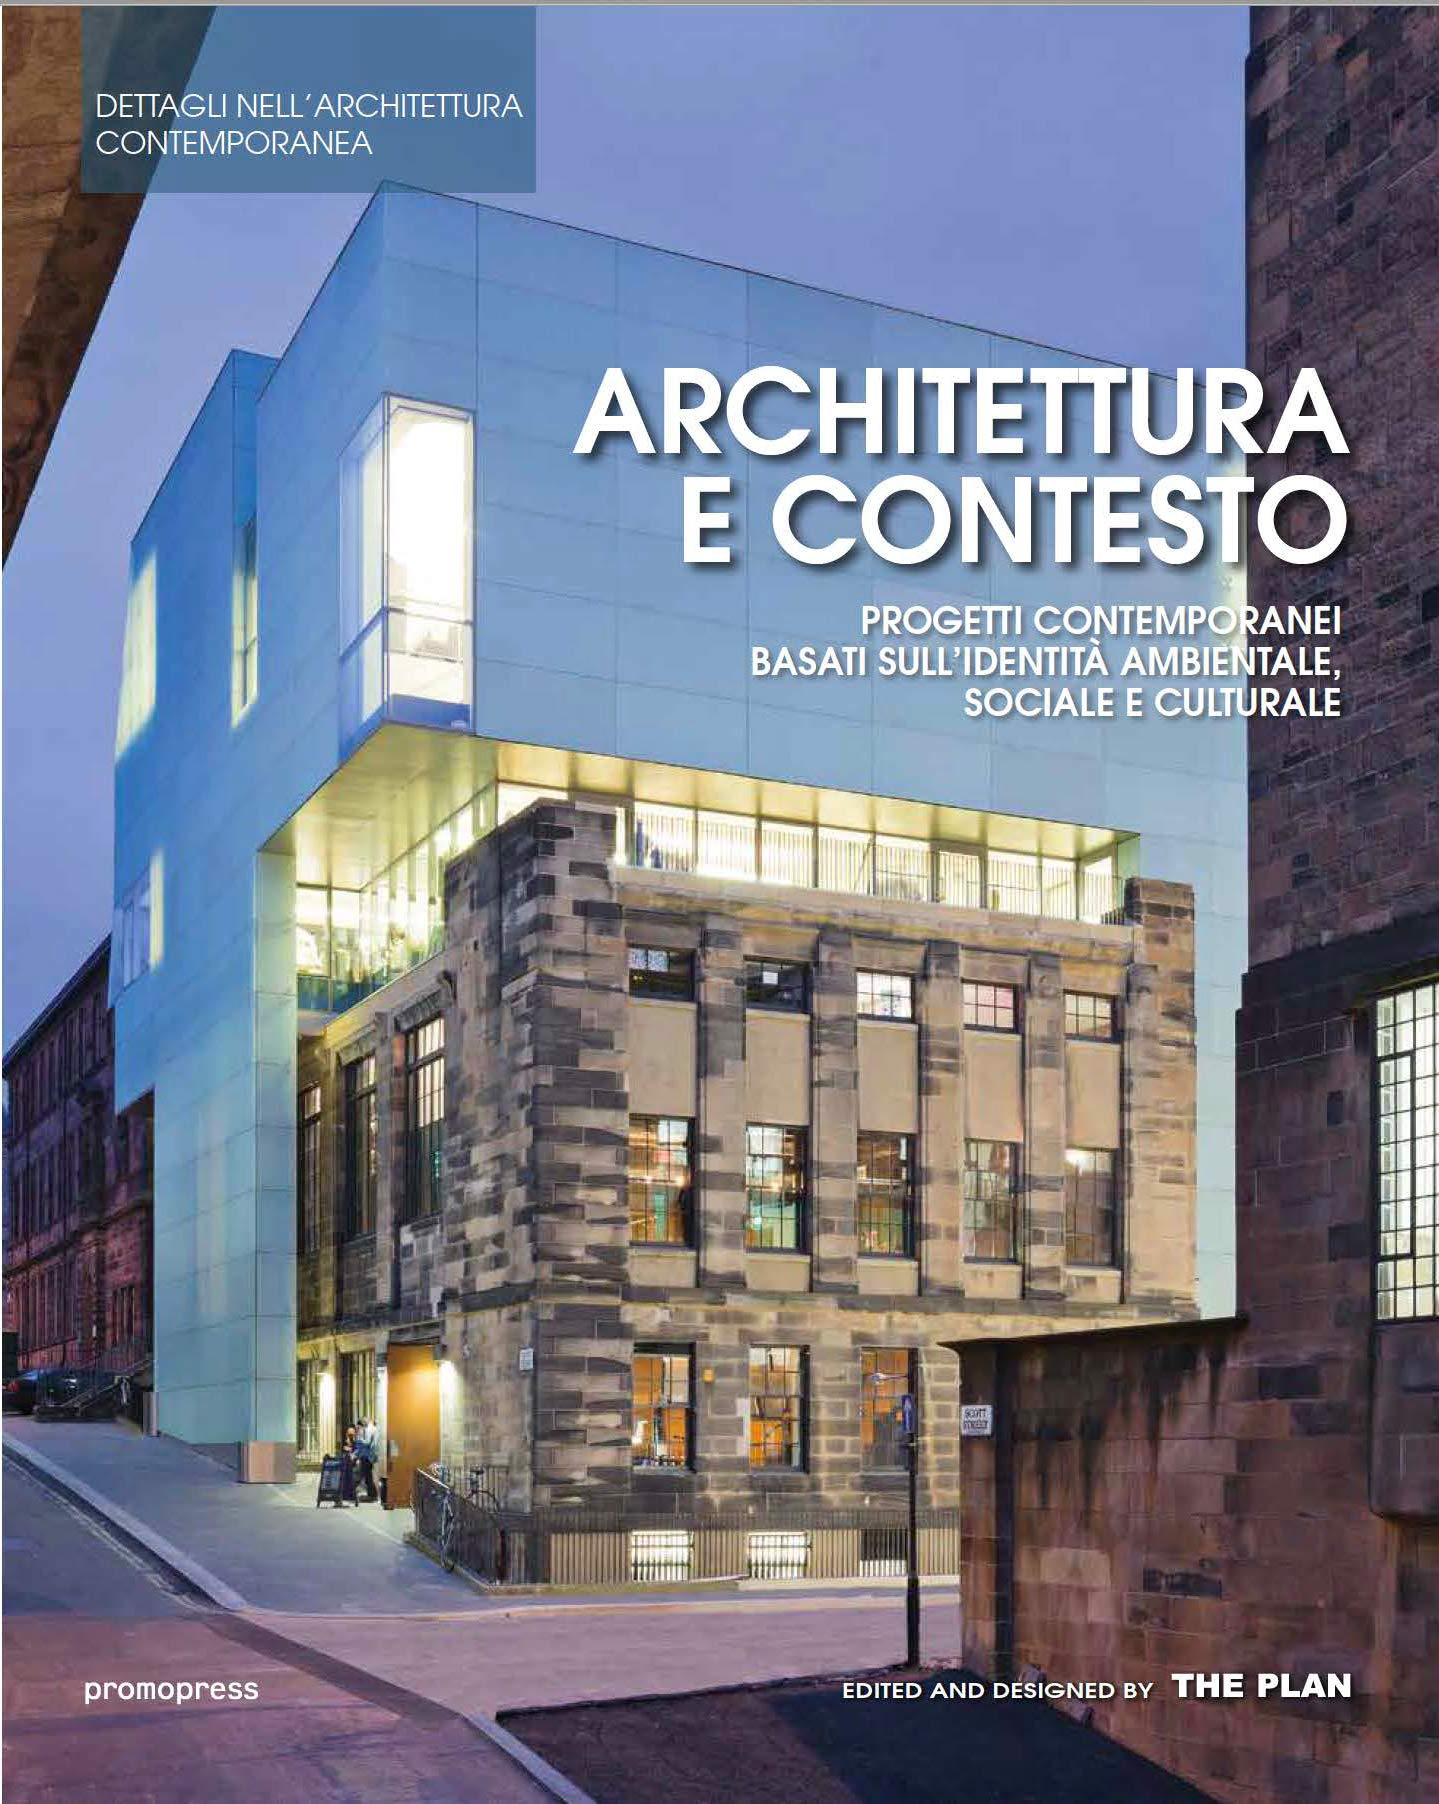 ffbb608a9907 Amazon.it: Architettura e contesto. Progetti contemporanei basati  sull'identità ambientale, sociale e culturale - The Plan - Libri